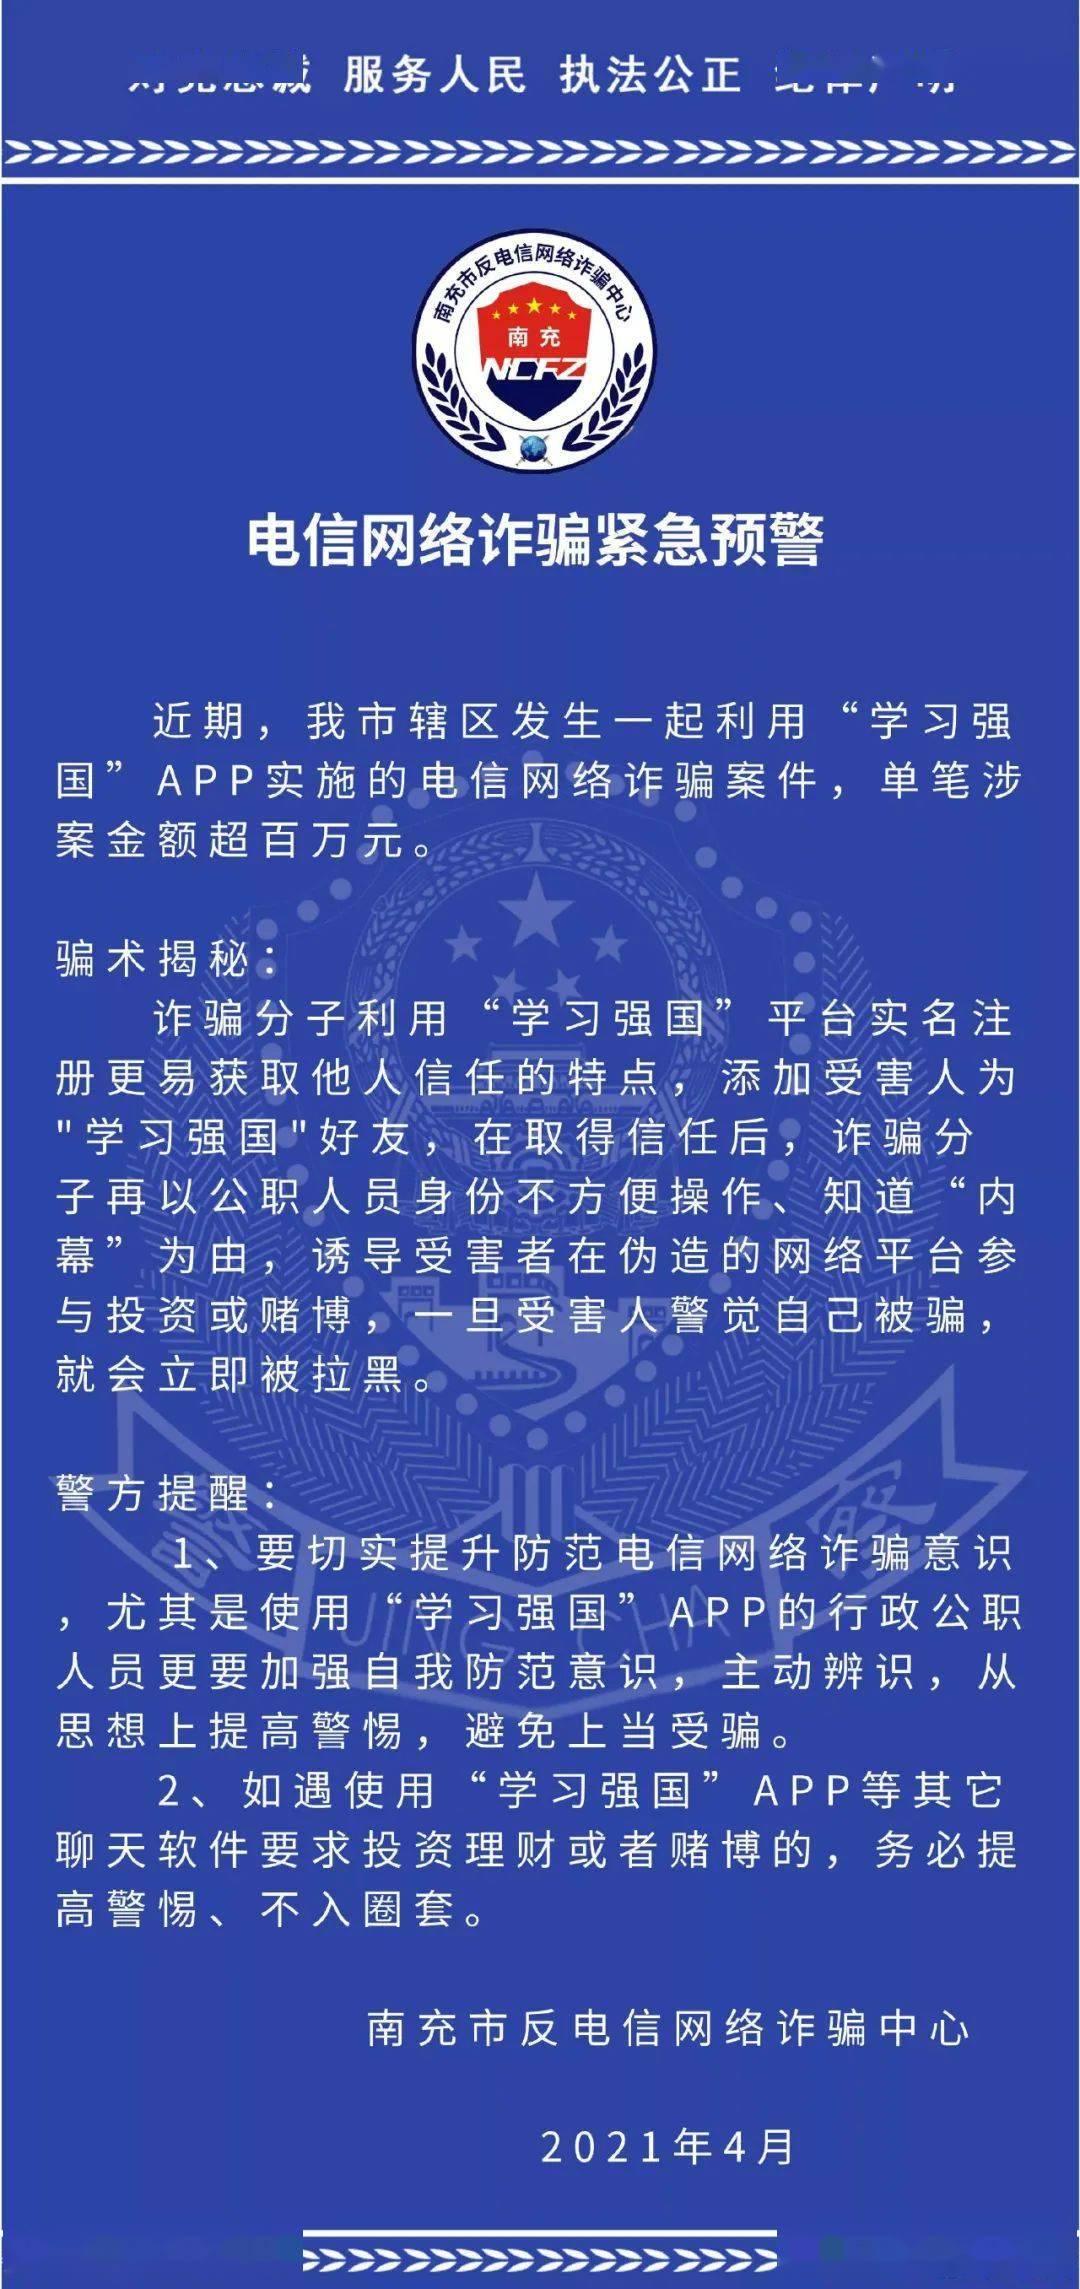 单笔诈骗金额超百万元!四川警方发布紧急预警